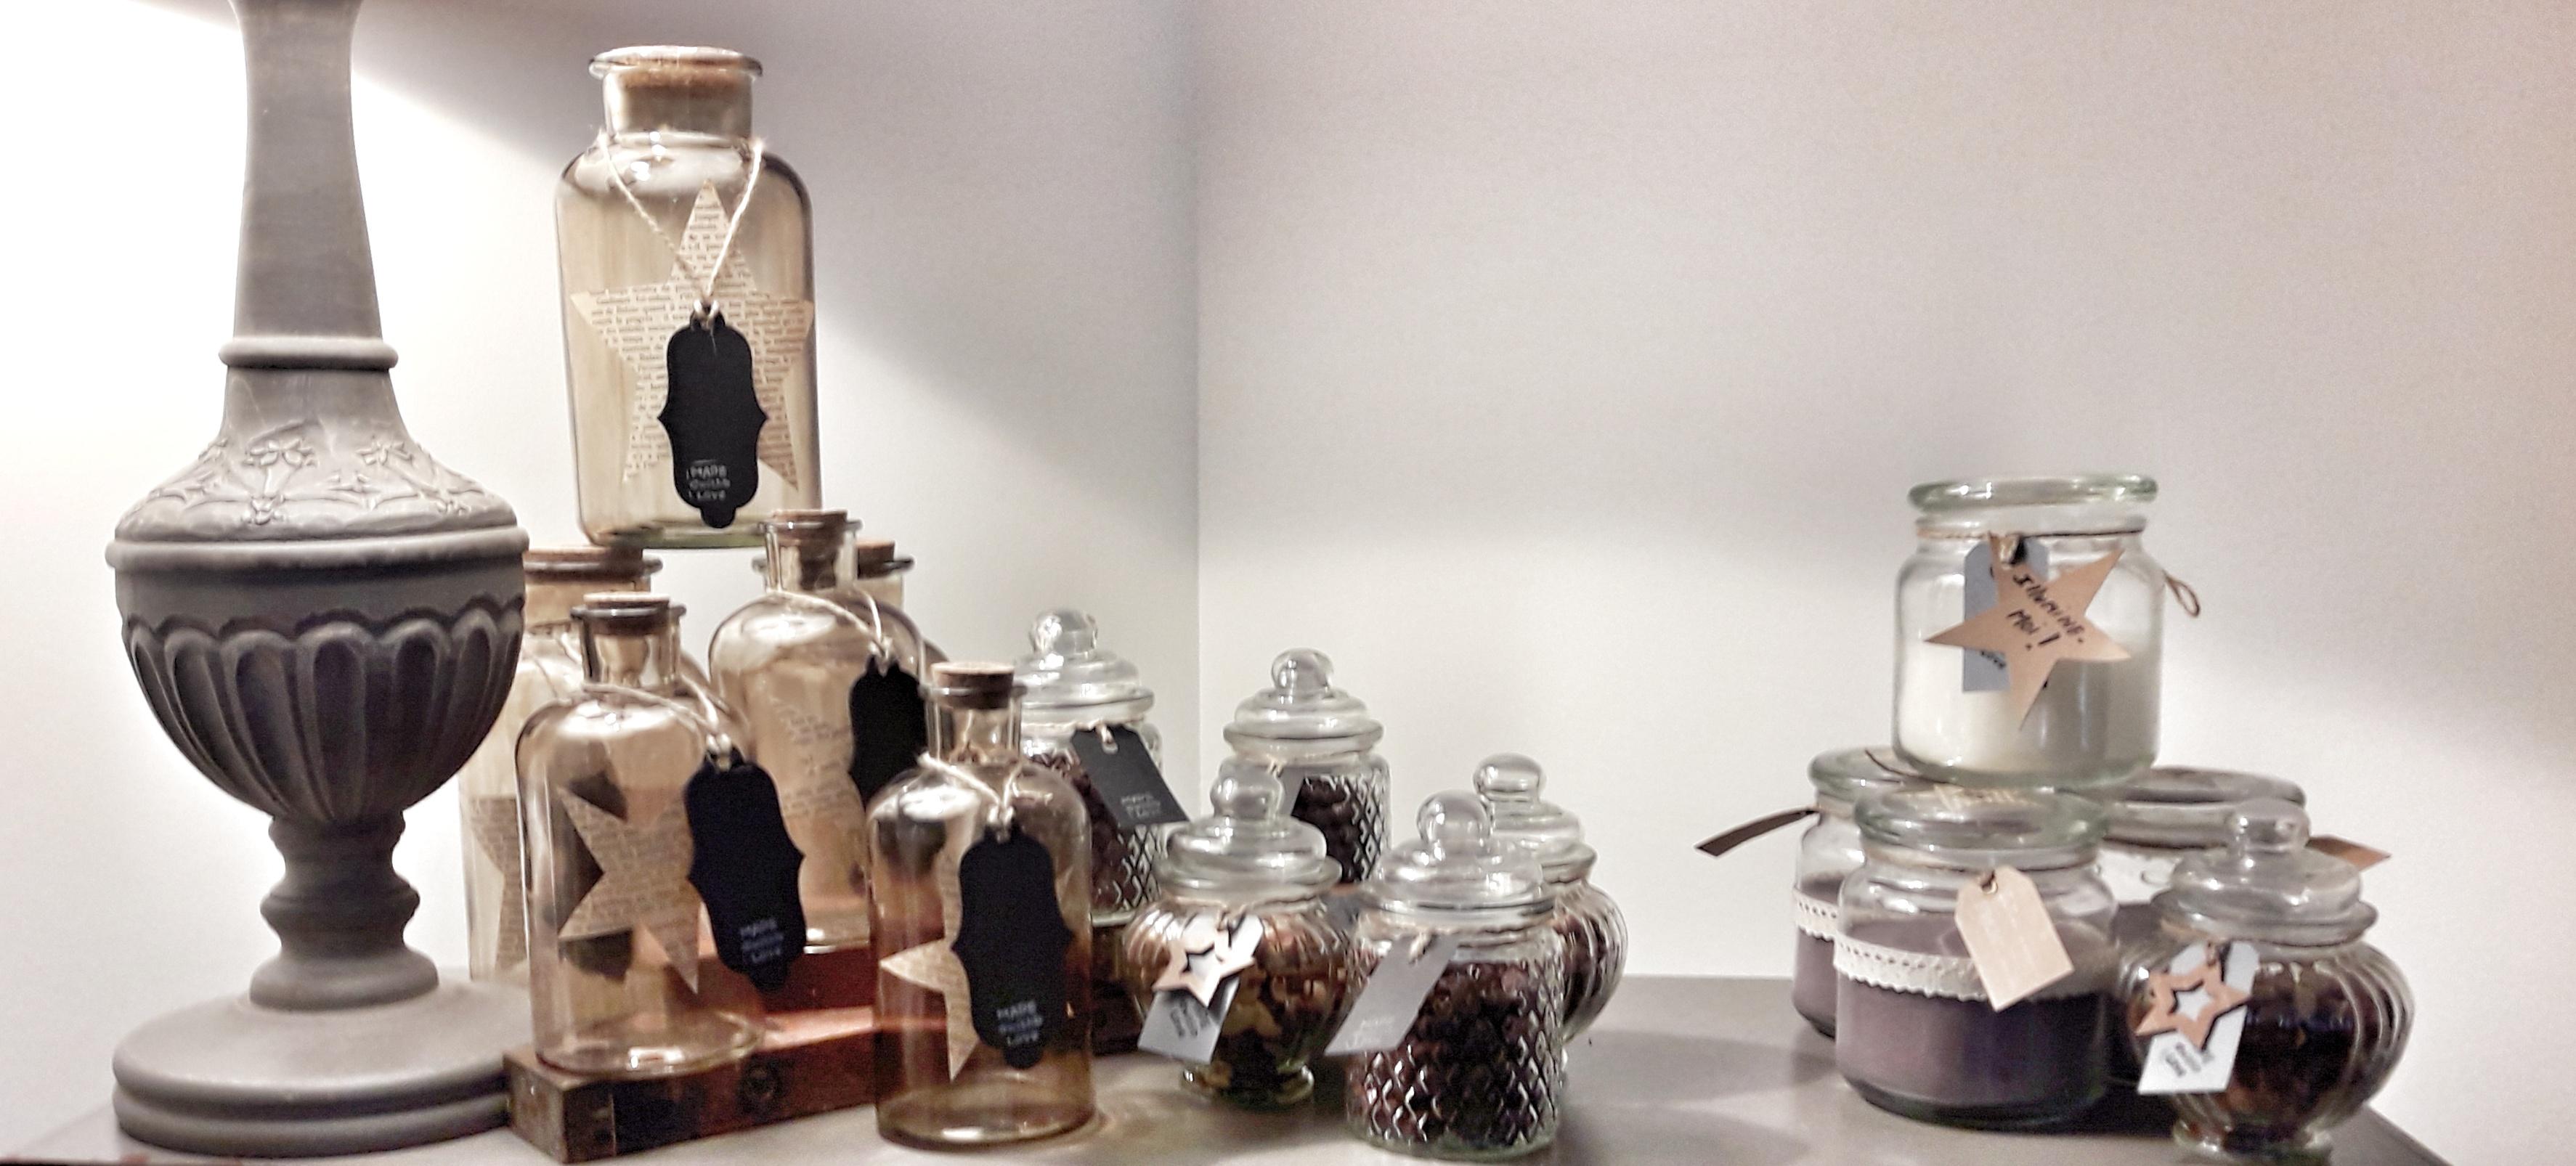 Bouteille et bougies costumisées par Yessa -  boutique en ligne : https://www.etsy.com/shop/maboutiquecreative